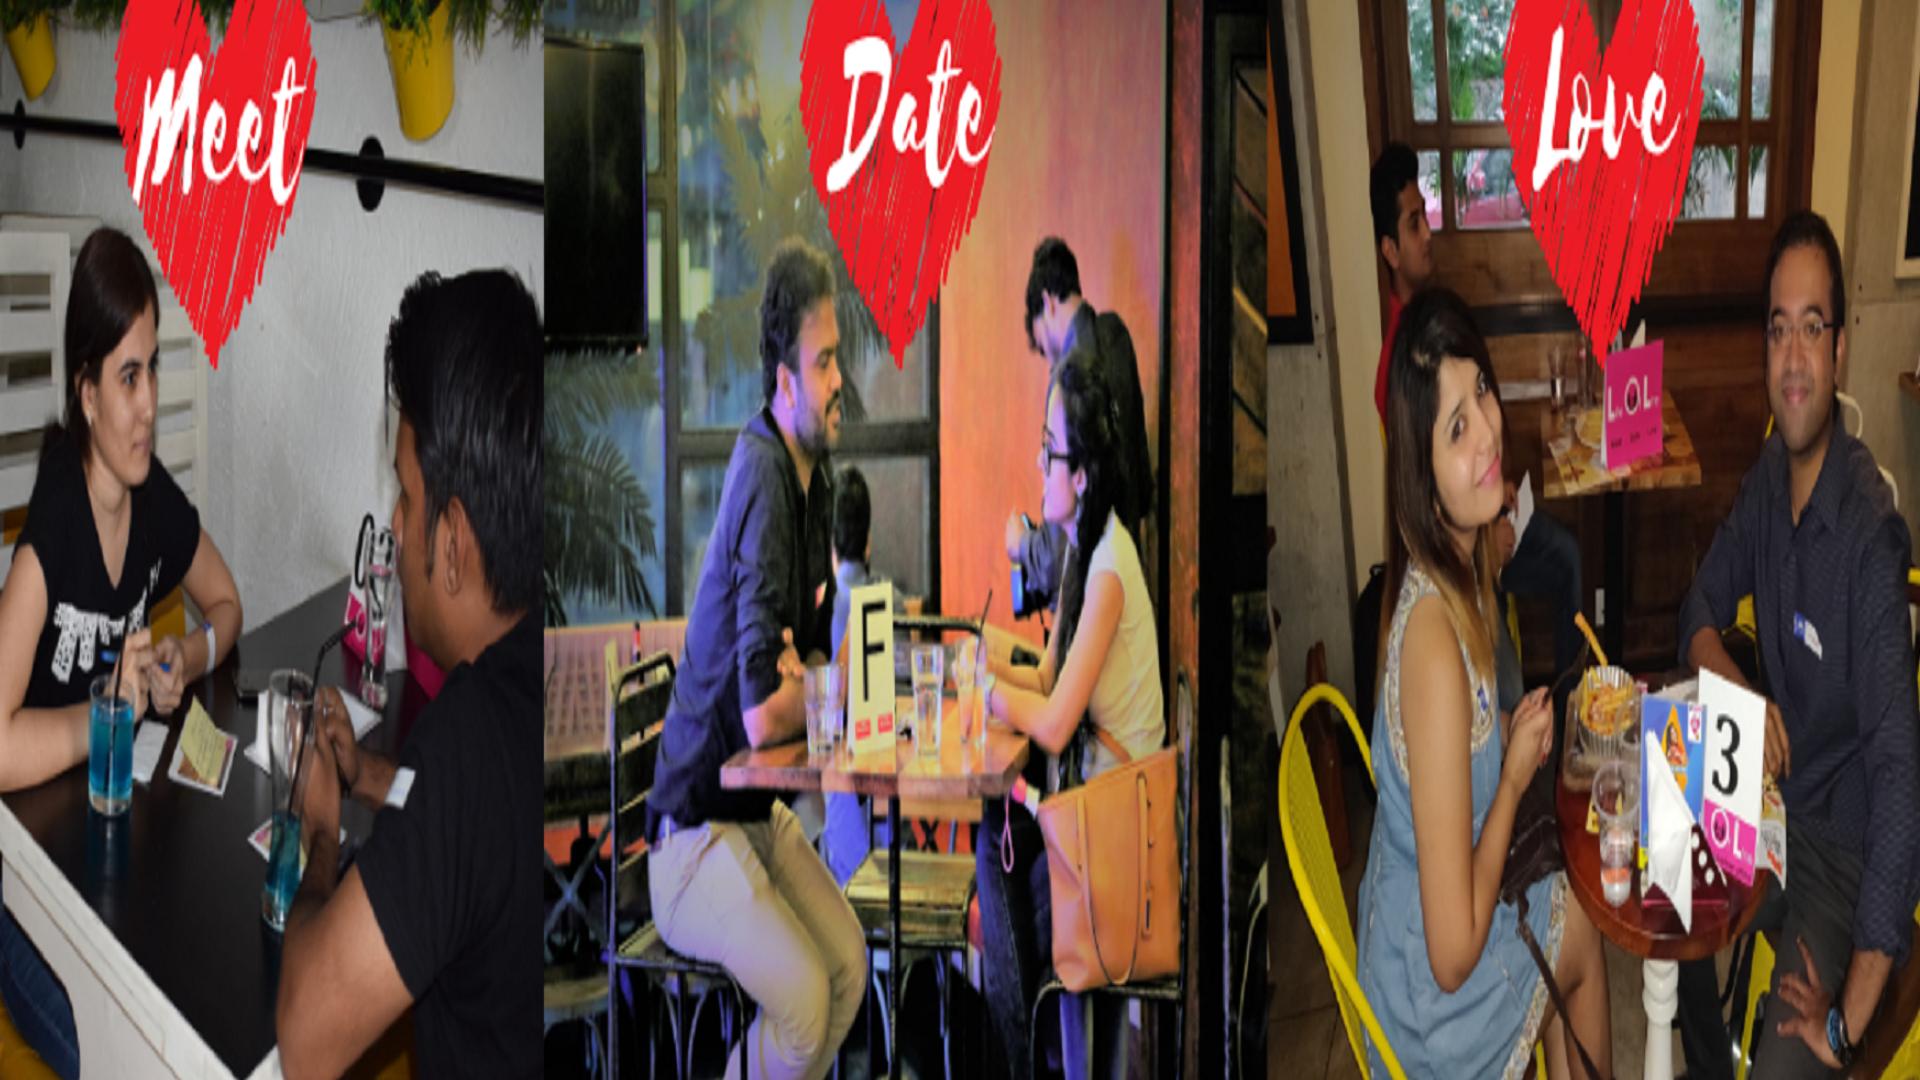 web stranica za banglore dating koliko često bih trebao pisati tekst prilikom izlaska